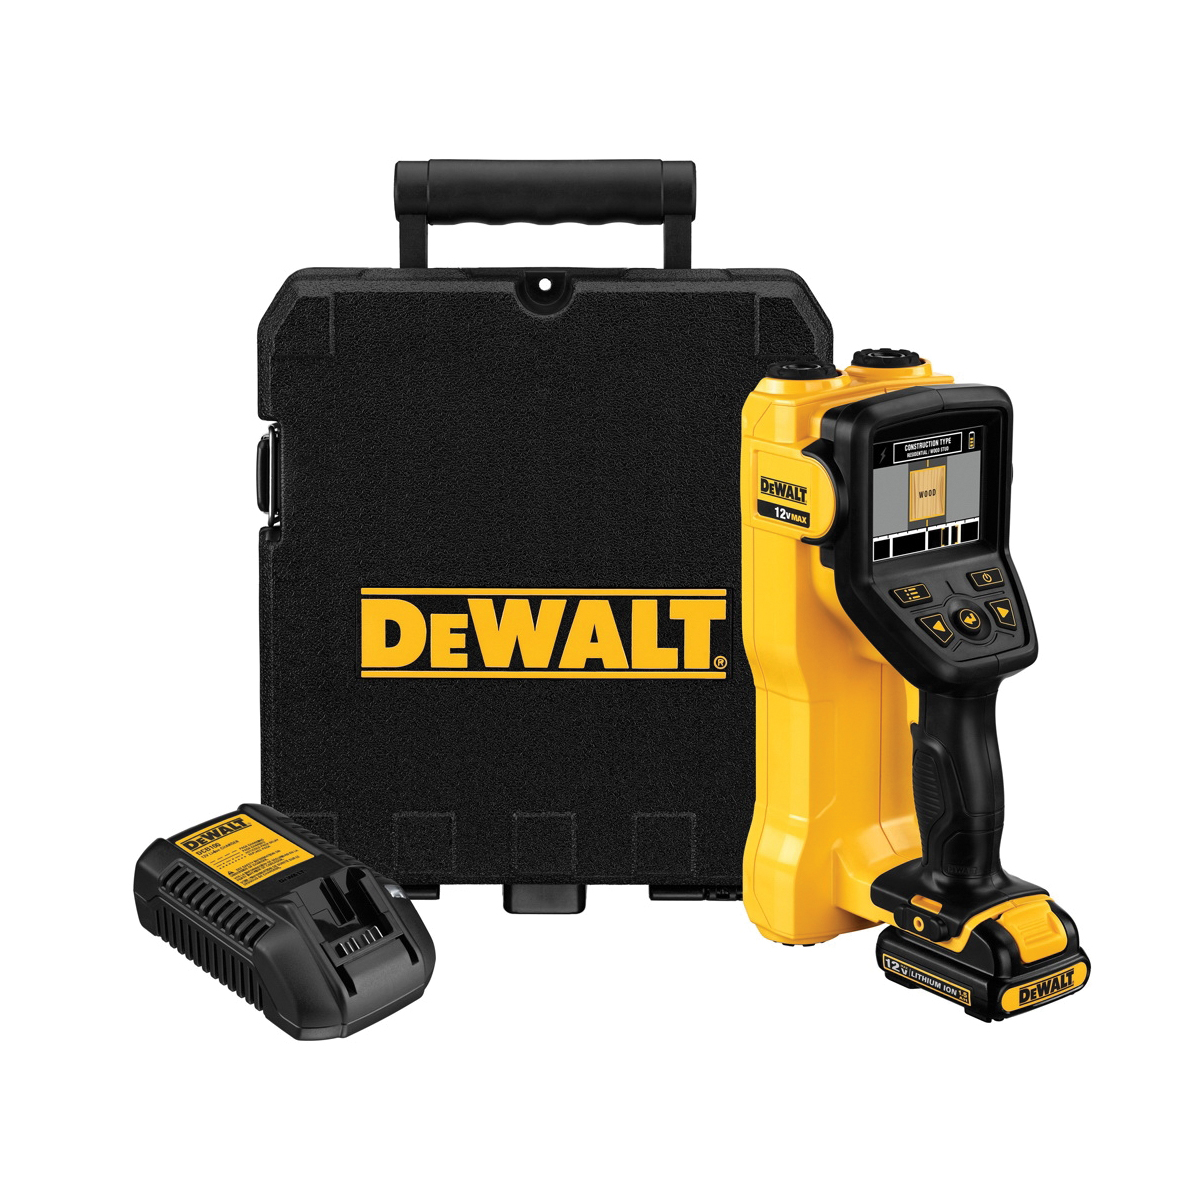 DeWALT® DCT419S1 Handheld Handheld Wall Scanner, 3 in, 3-1/2 in Color LCD Display